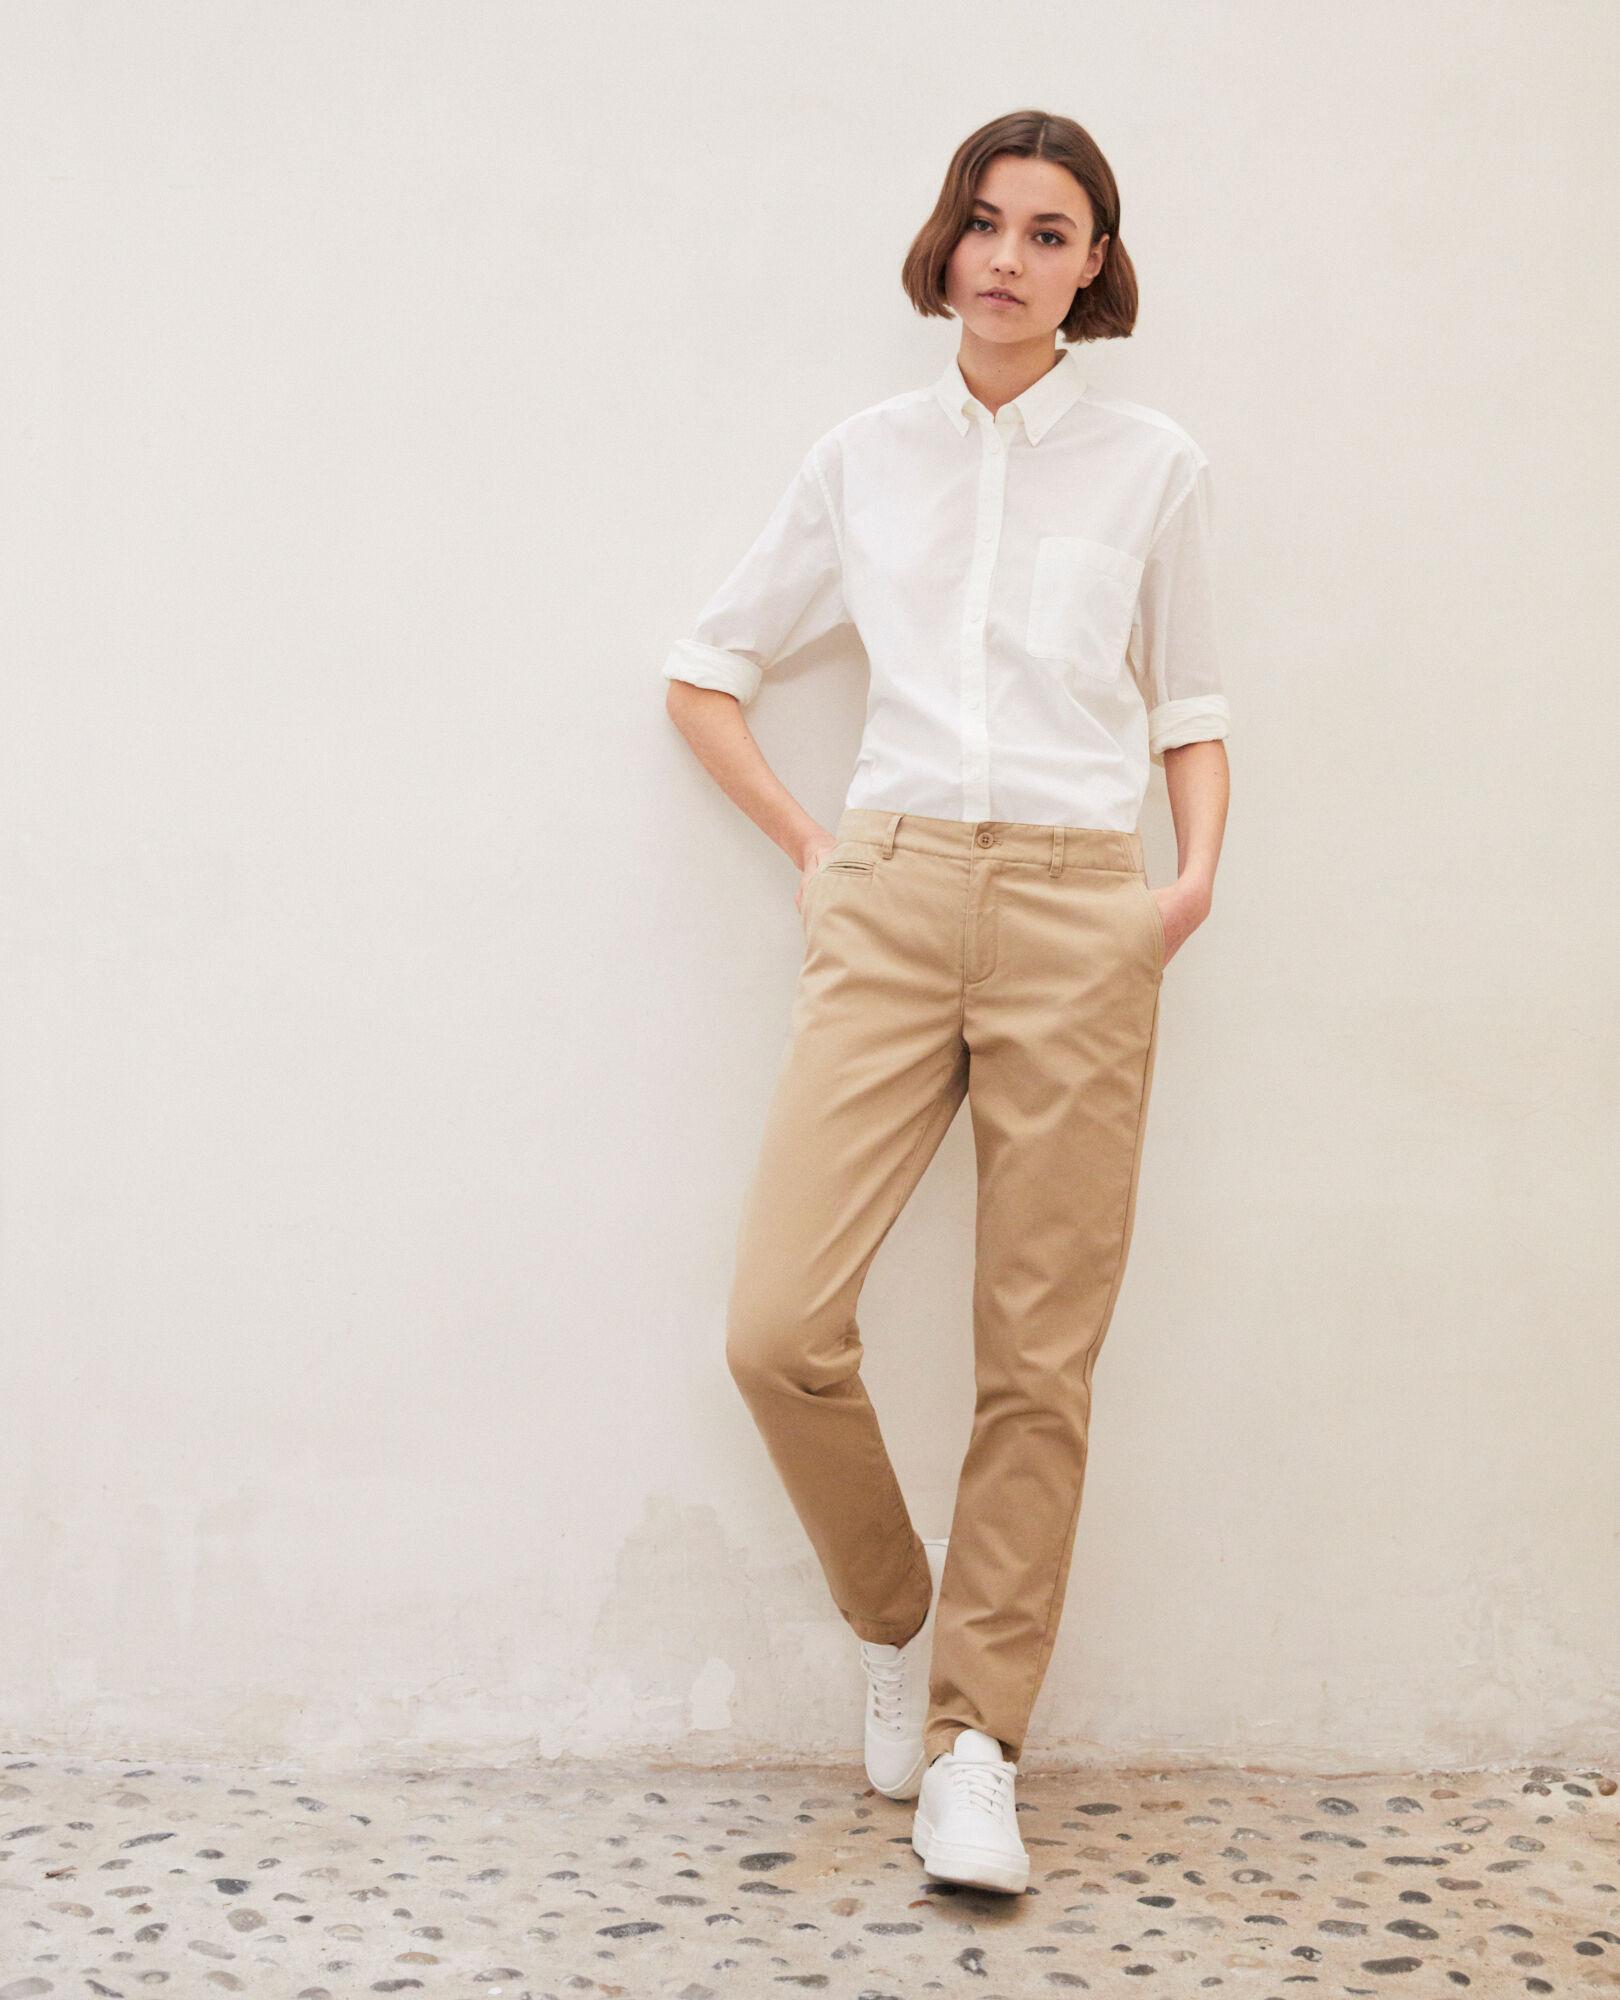 Mode À Comptoir Pantalon Chino Femme amp; Combinaison Cotonniers La Des SqYAp4wY